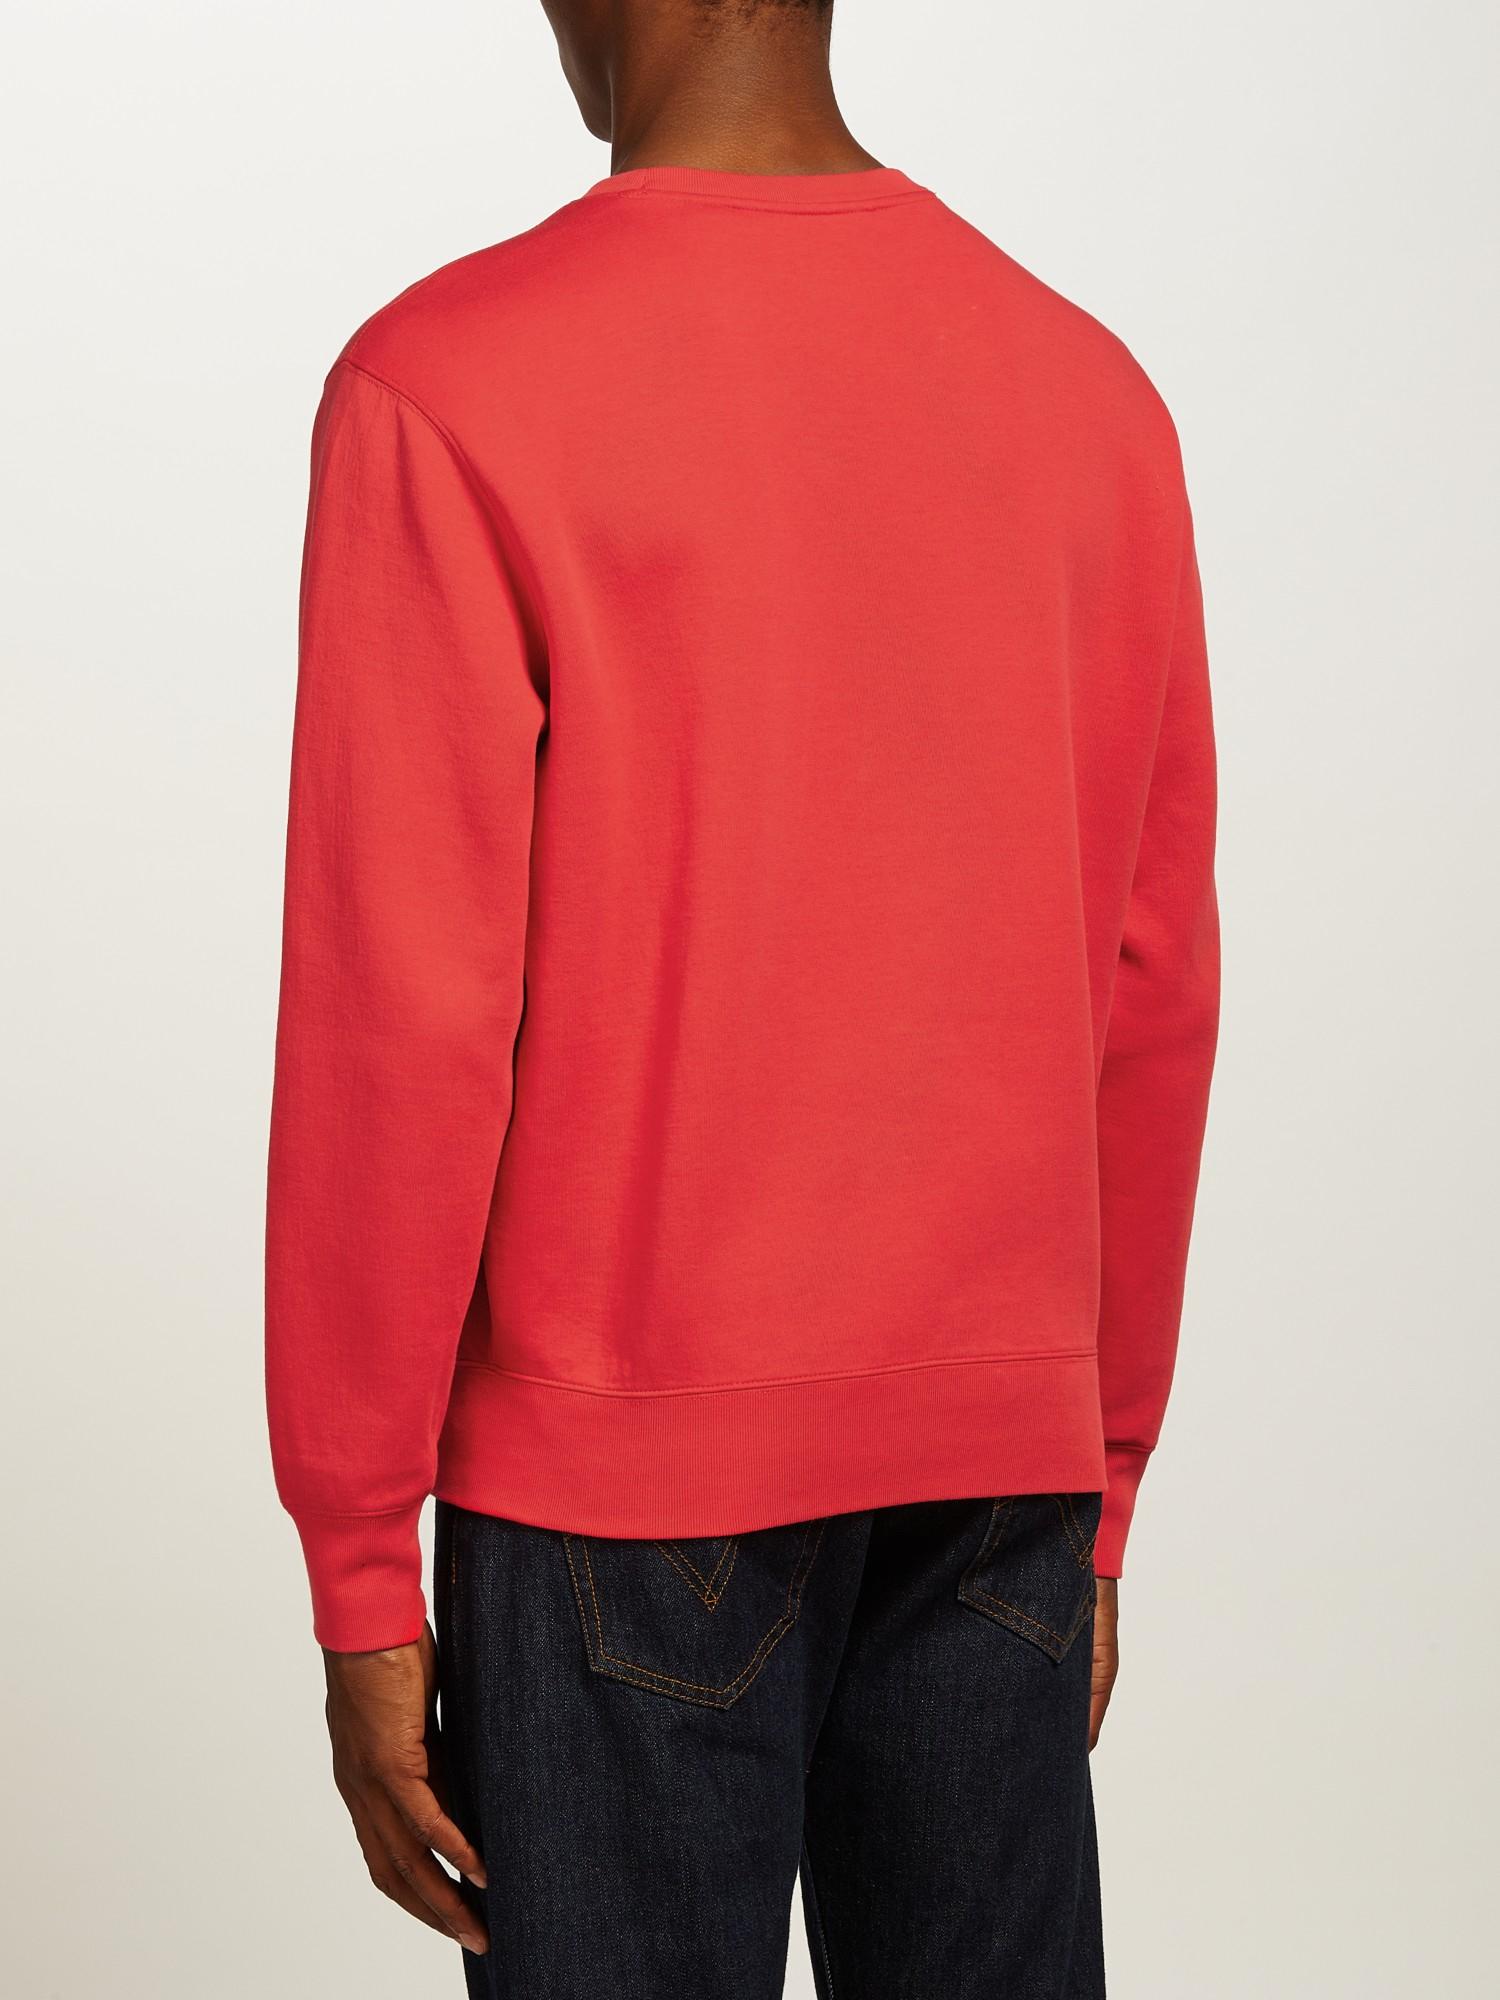 polo ralph lauren fleece sweatshirt in red for men. Black Bedroom Furniture Sets. Home Design Ideas